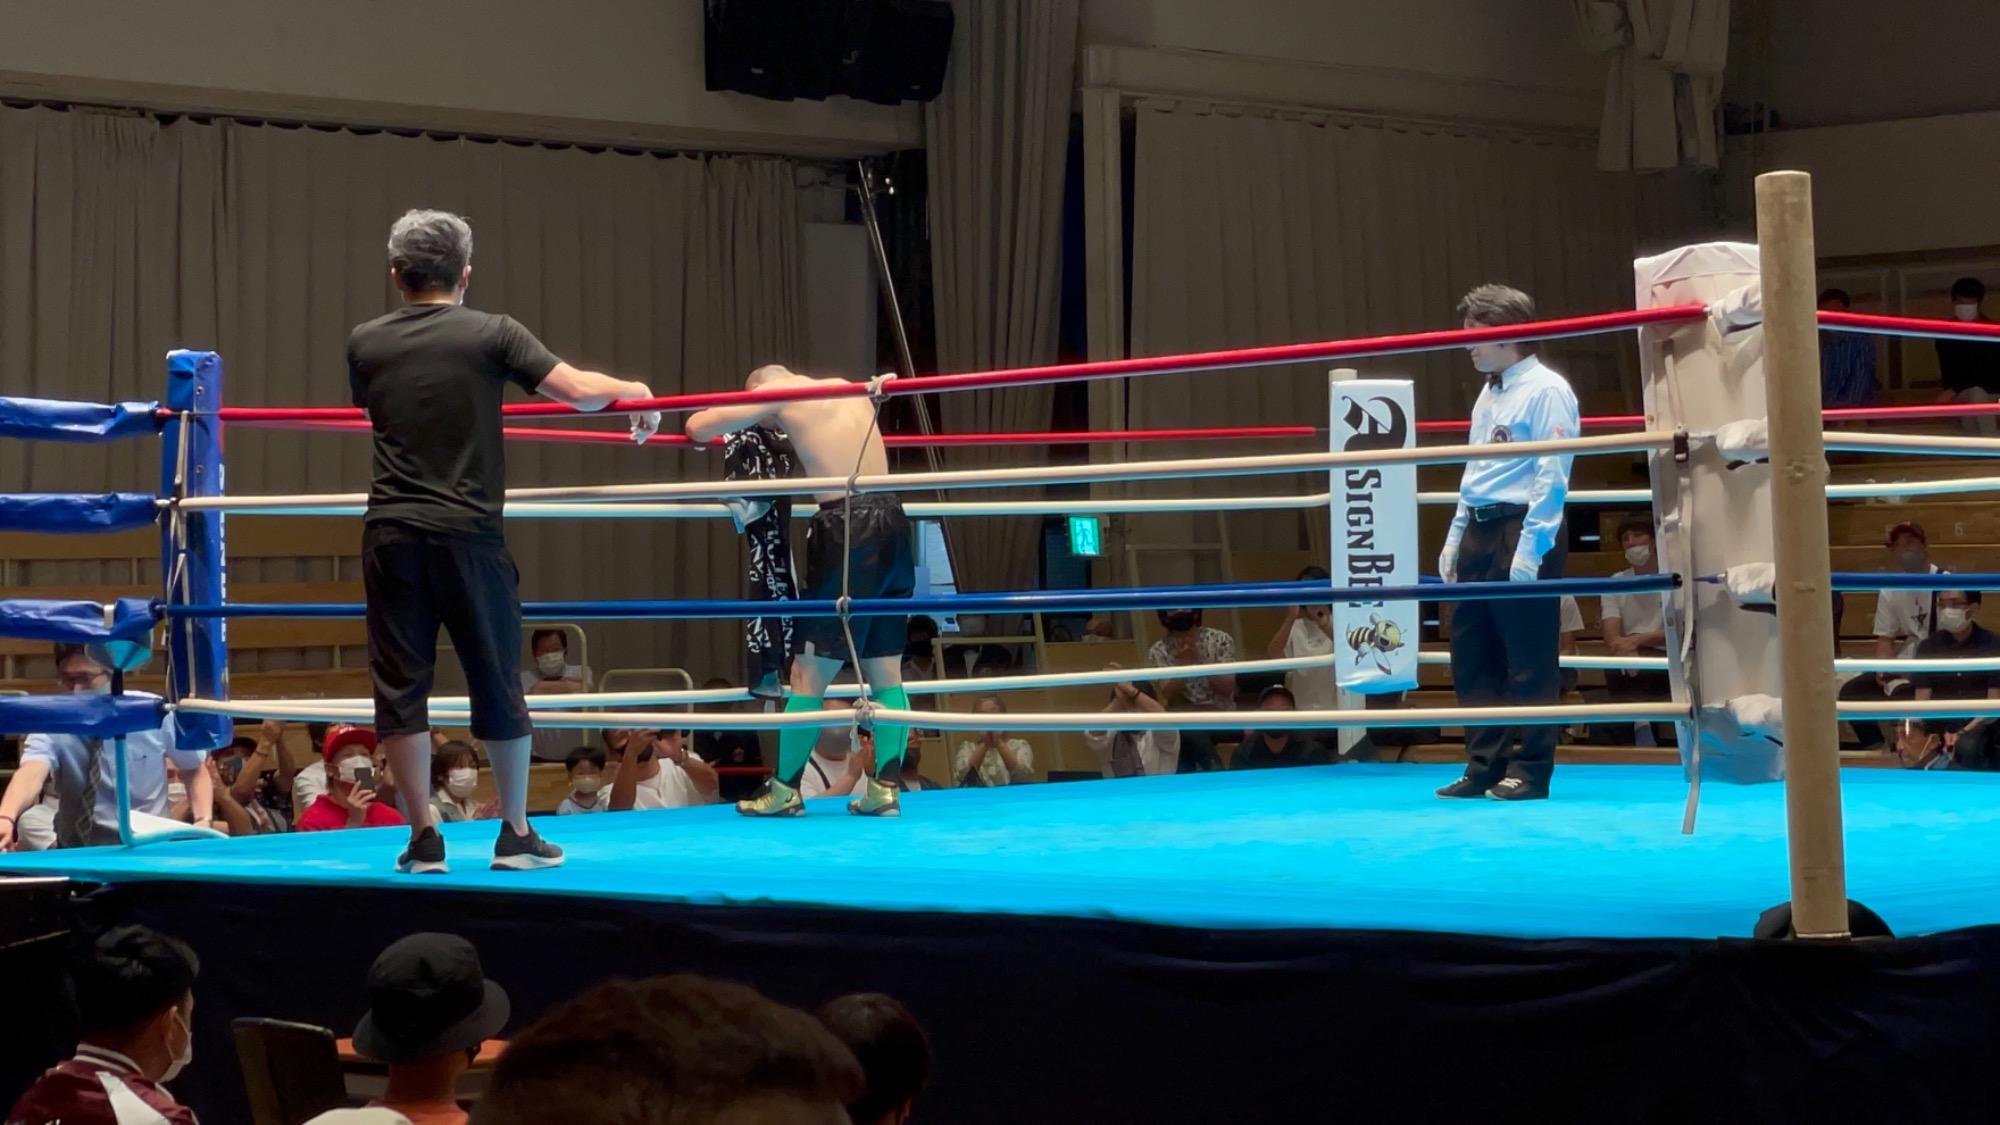 スタッフYUYAのボクシング観戦記3R|rsc products公式ウェブサイト